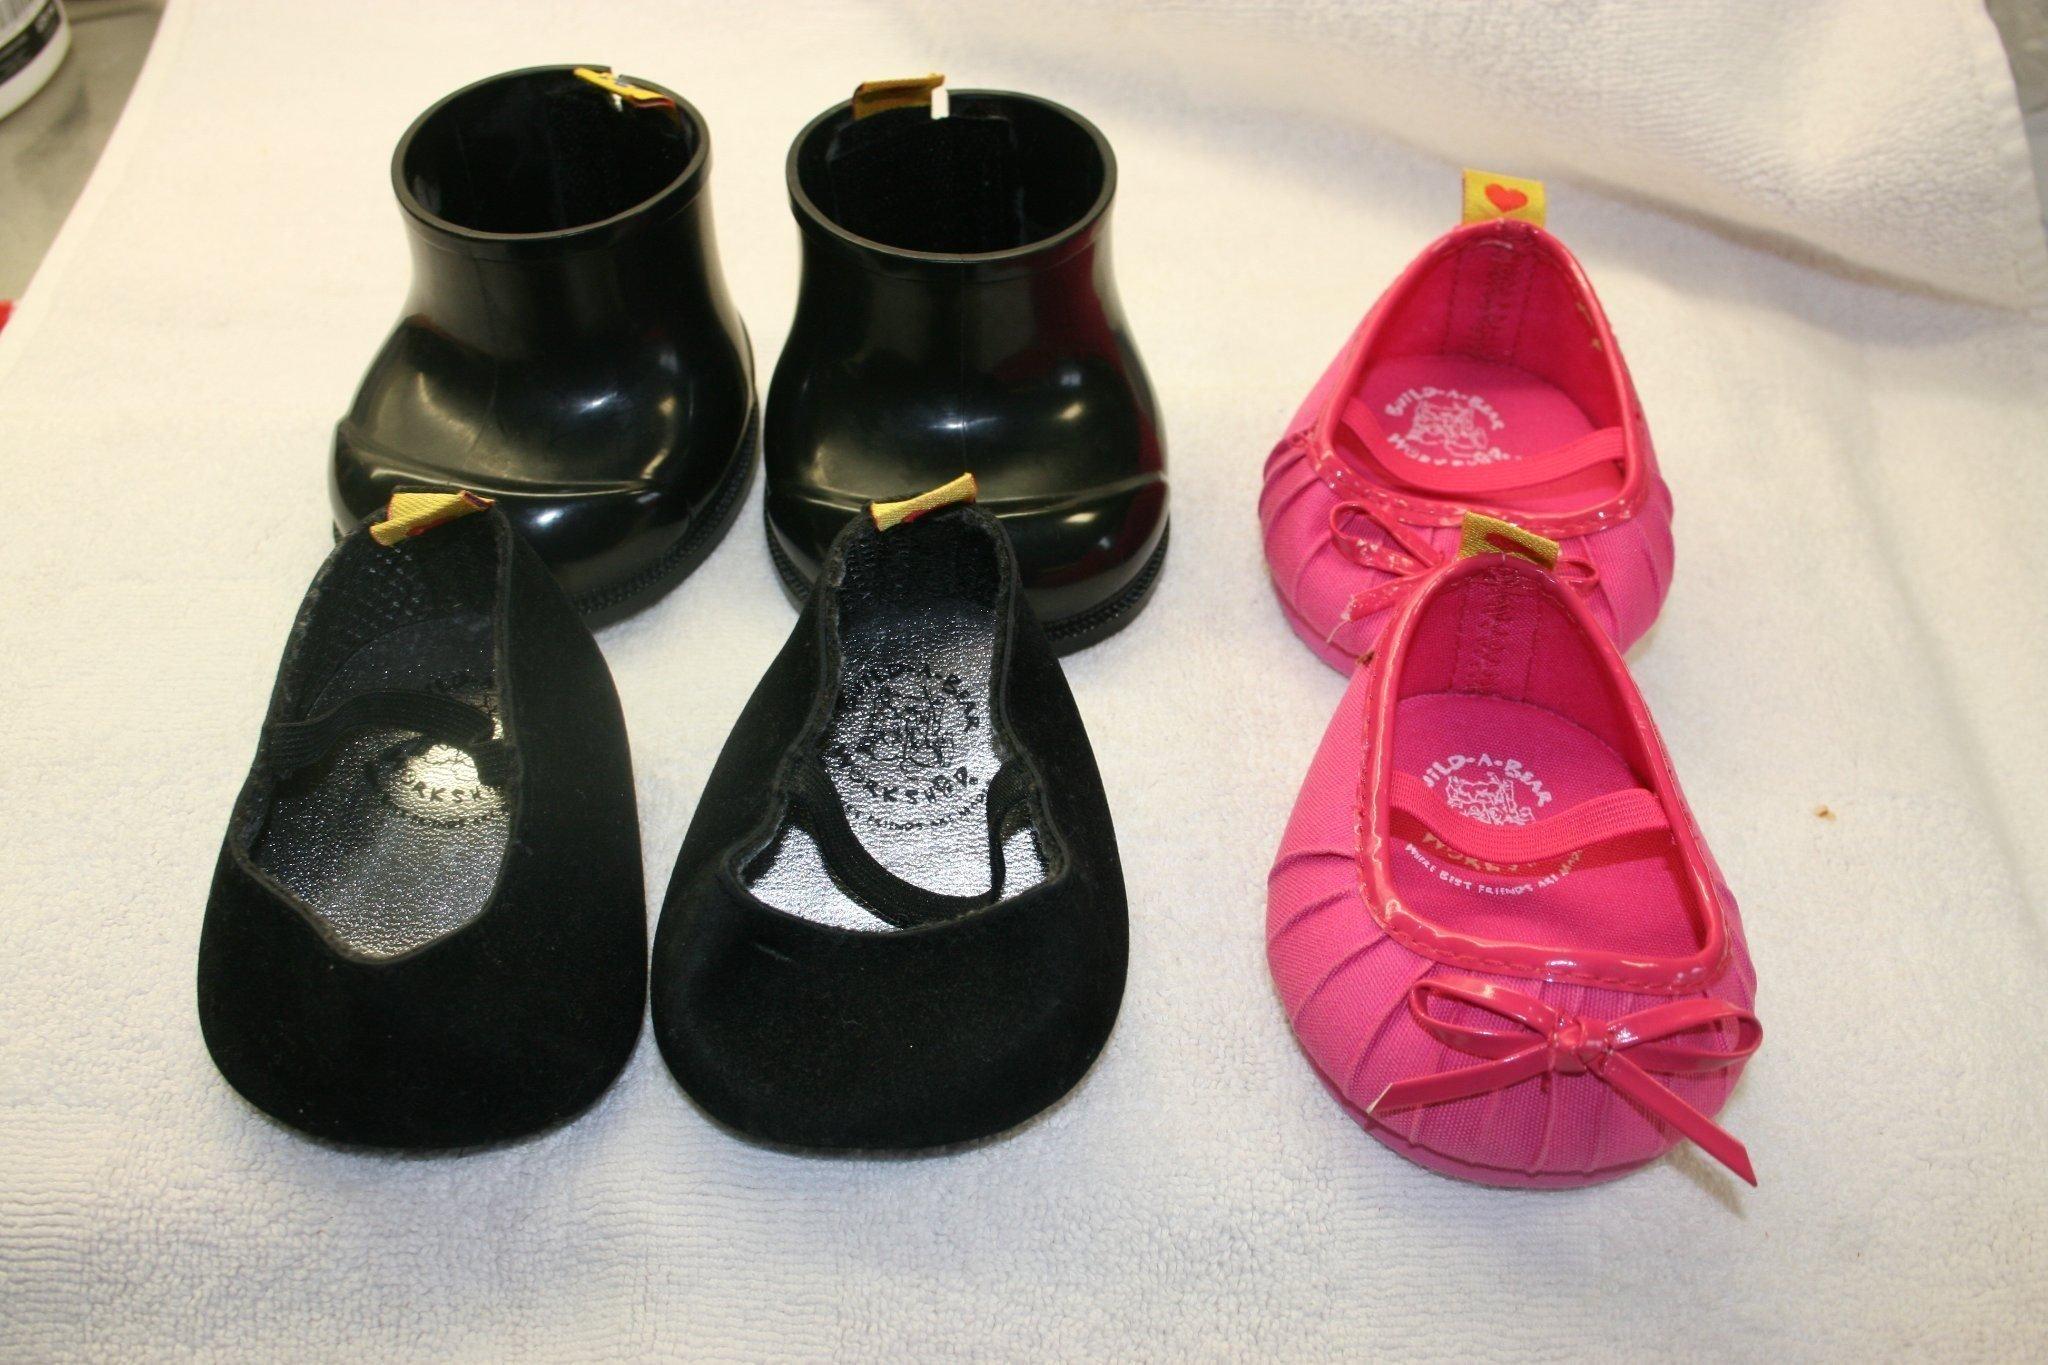 bfc11325d6bf skor till docka-stora storlek de rosa (346283342) ᐈ Köp på Tradera